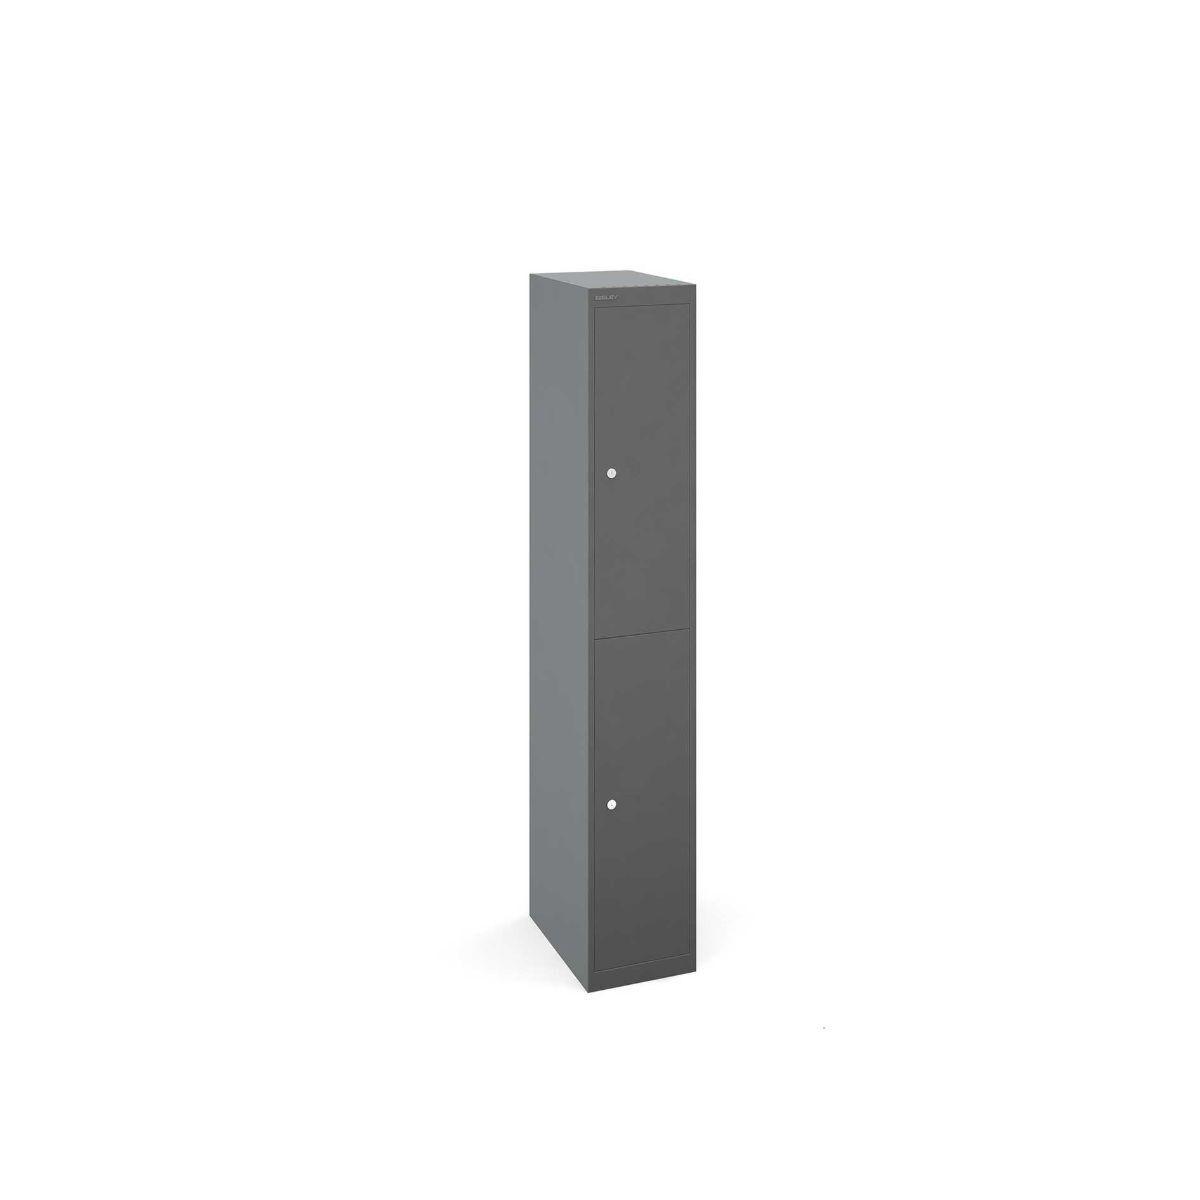 Bisley Universal Steel Locker 2 Door Extra Deep Grey/Grey